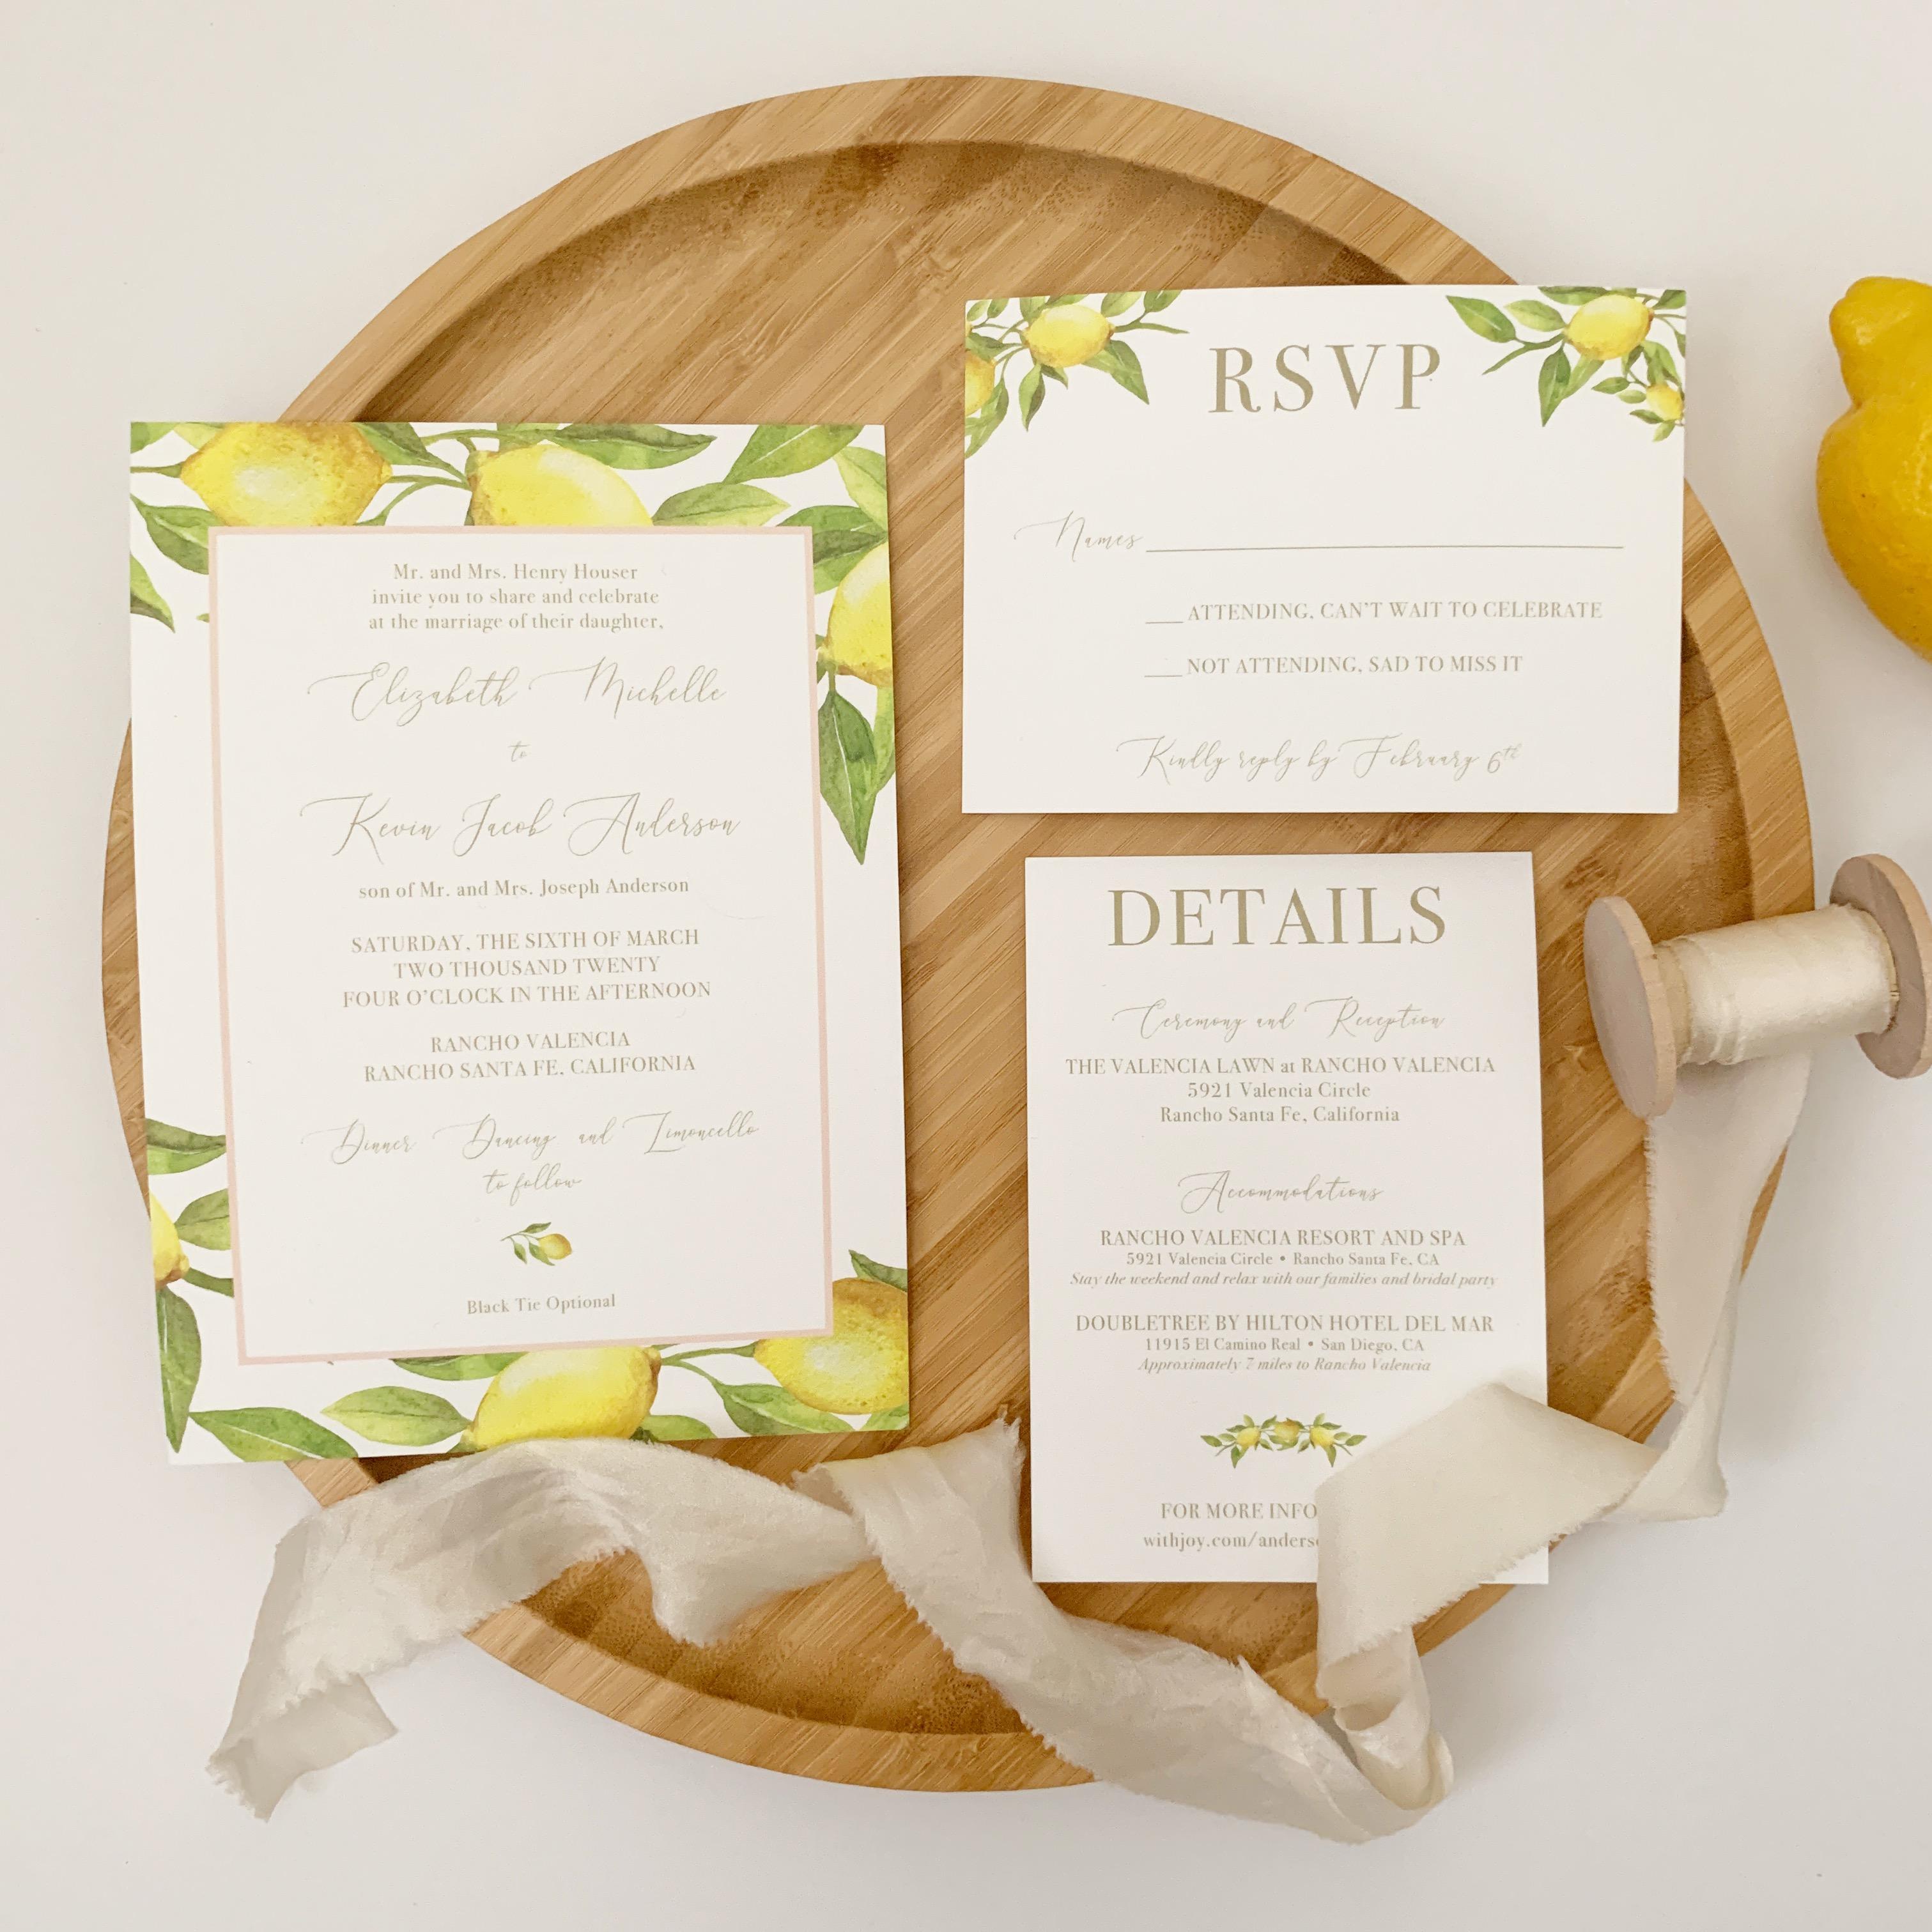 Wedding Invitations Samples: Lemon Wedding Invitation Sample